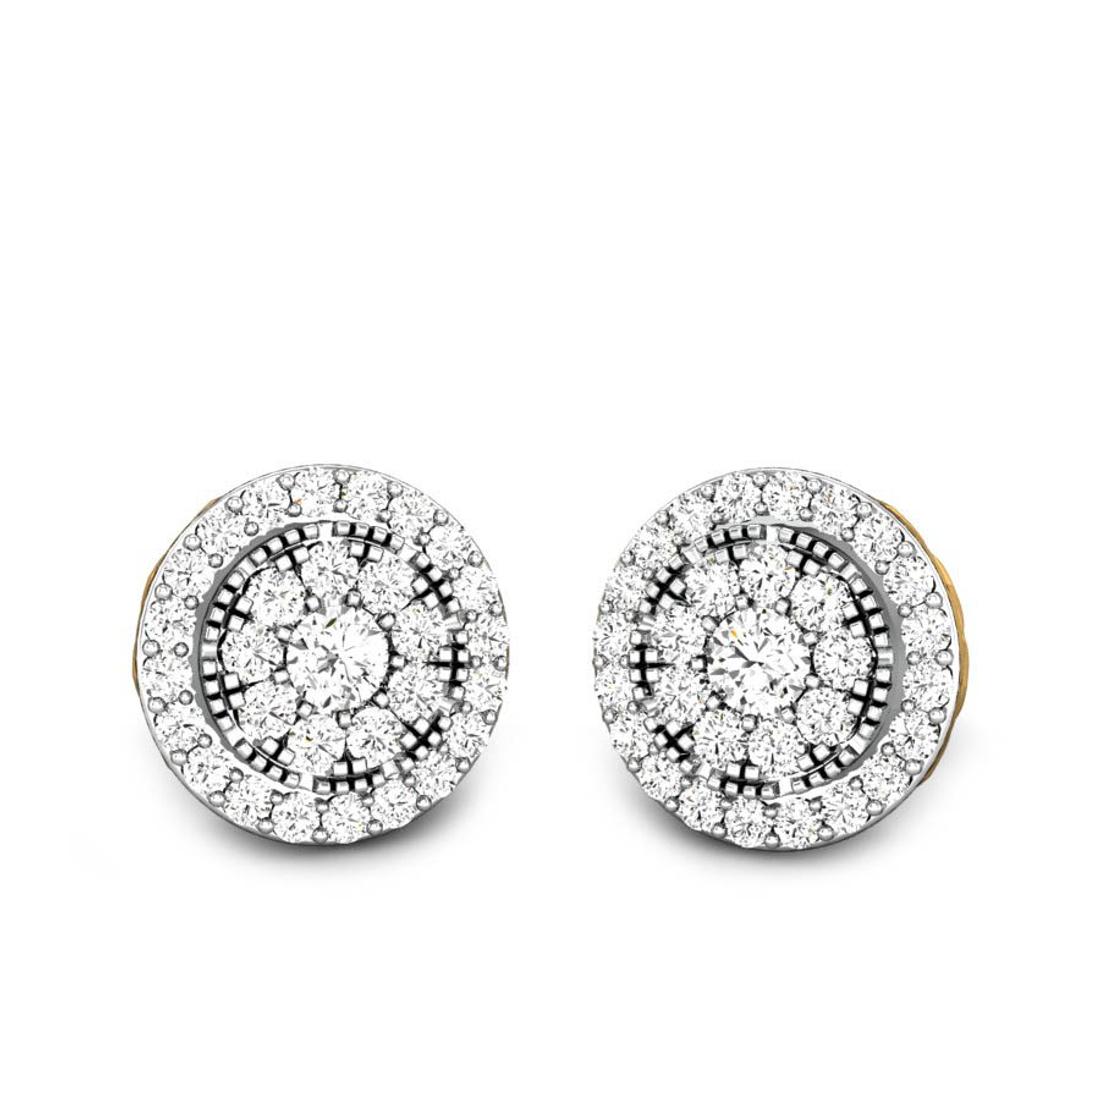 Candere by Kalyan Jewellers Yellow Gold Orah Ziah Diamond Earrings for Women (IGI Certified Diamonds)